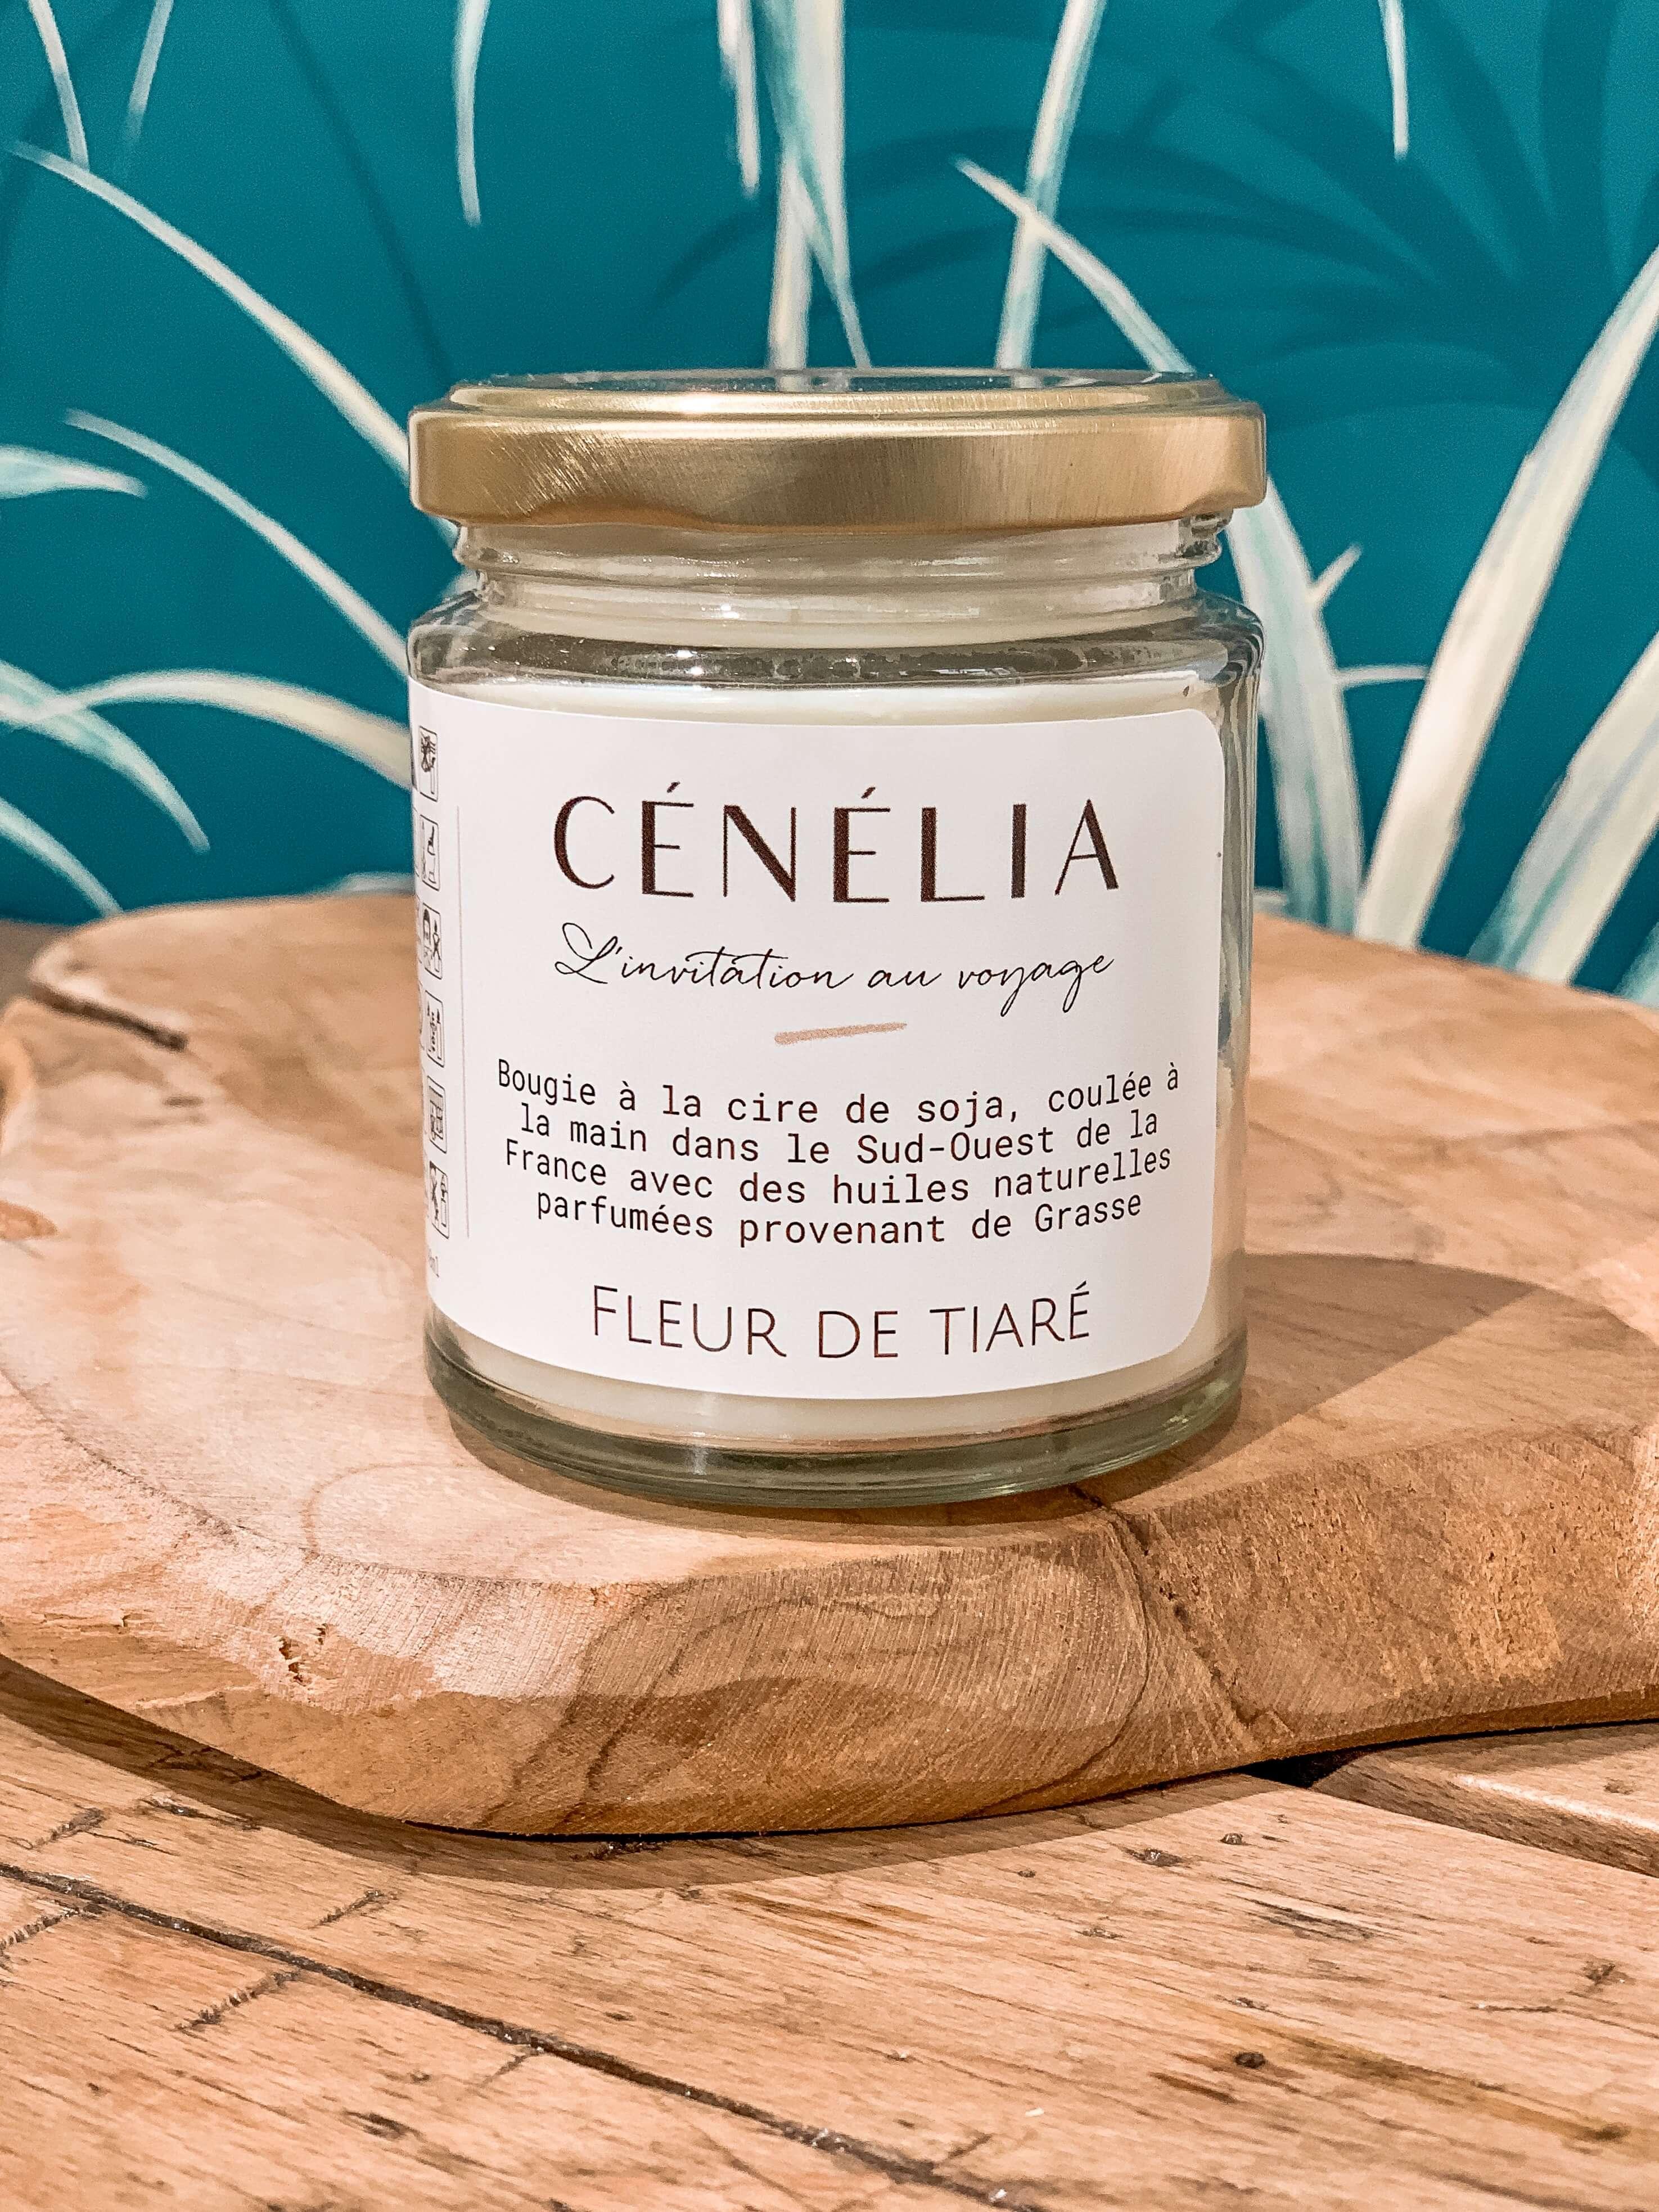 Bougie naturelle parfumée - Bougie soja bio Cénélia - Fleur de Tiaré